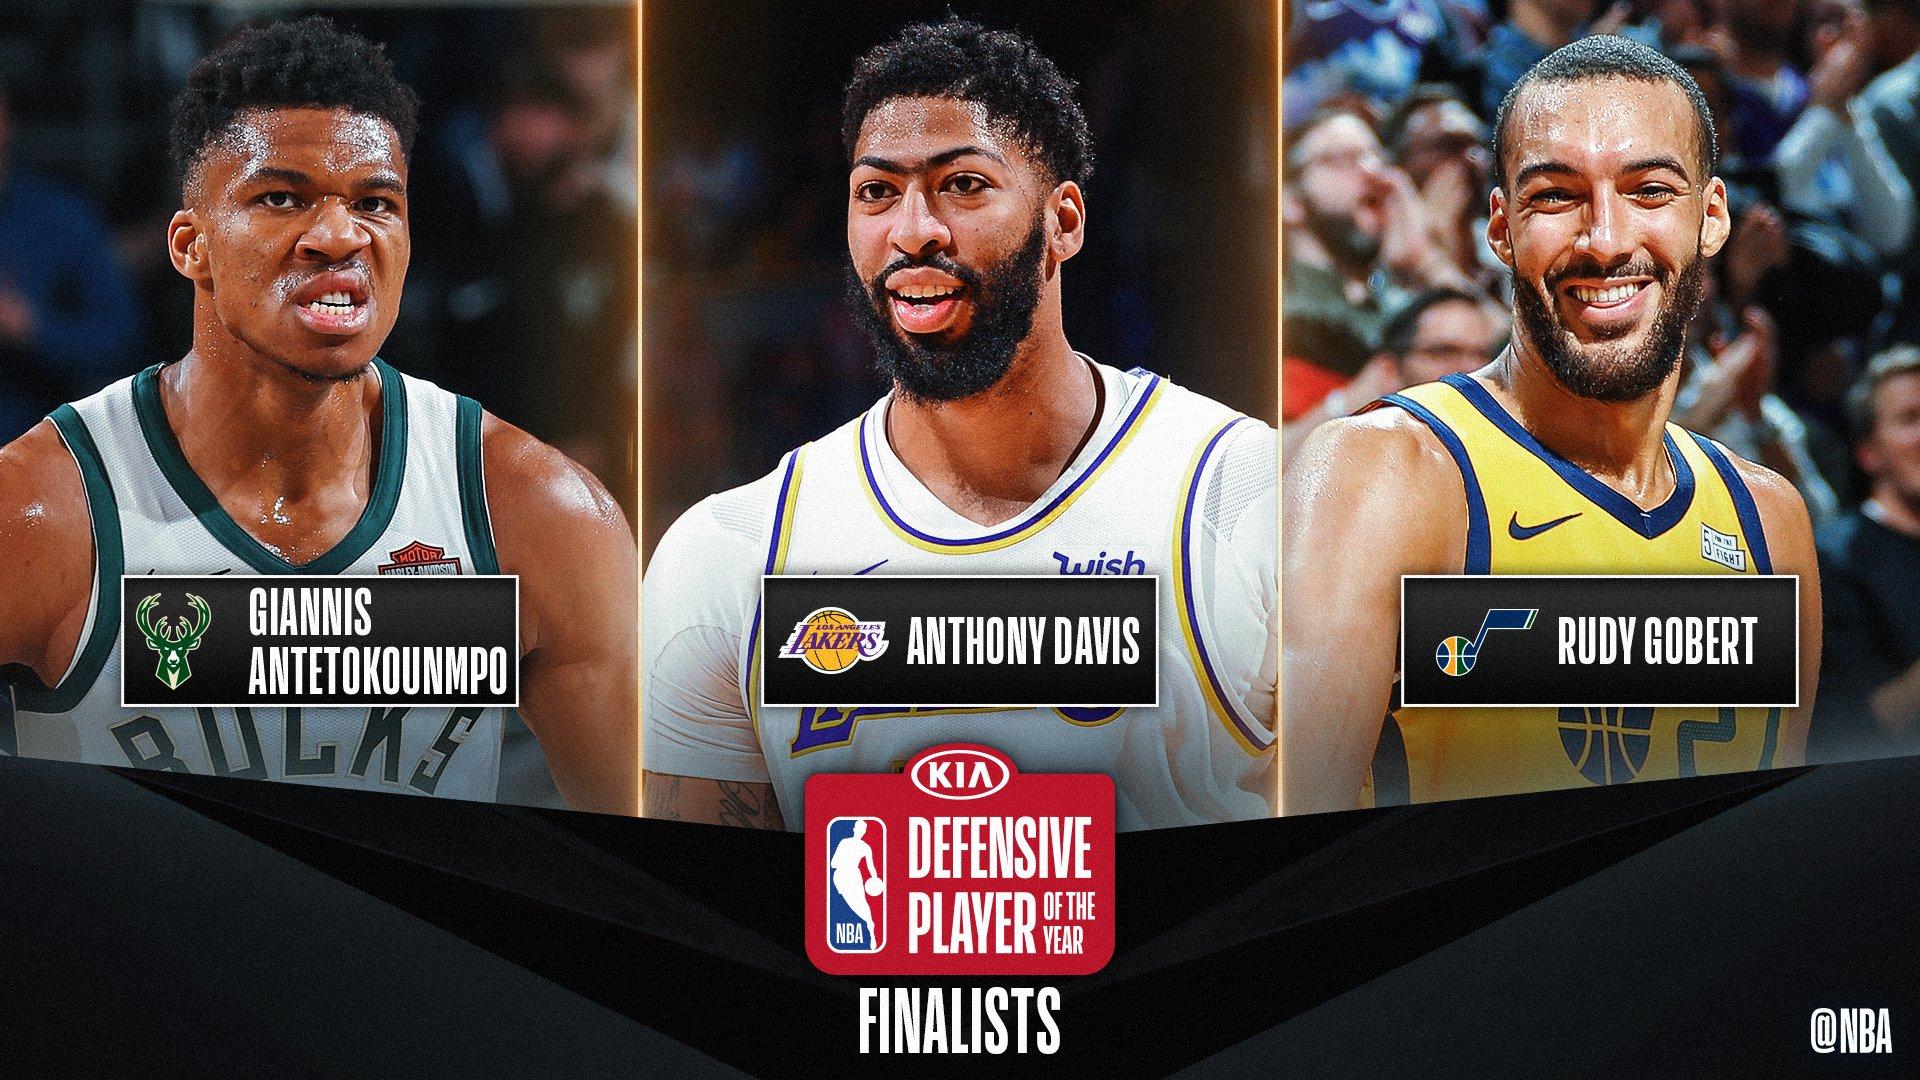 NBA. Scelti i tre finalisti per il premio di Difensore dell'anno: Antetokounmpo